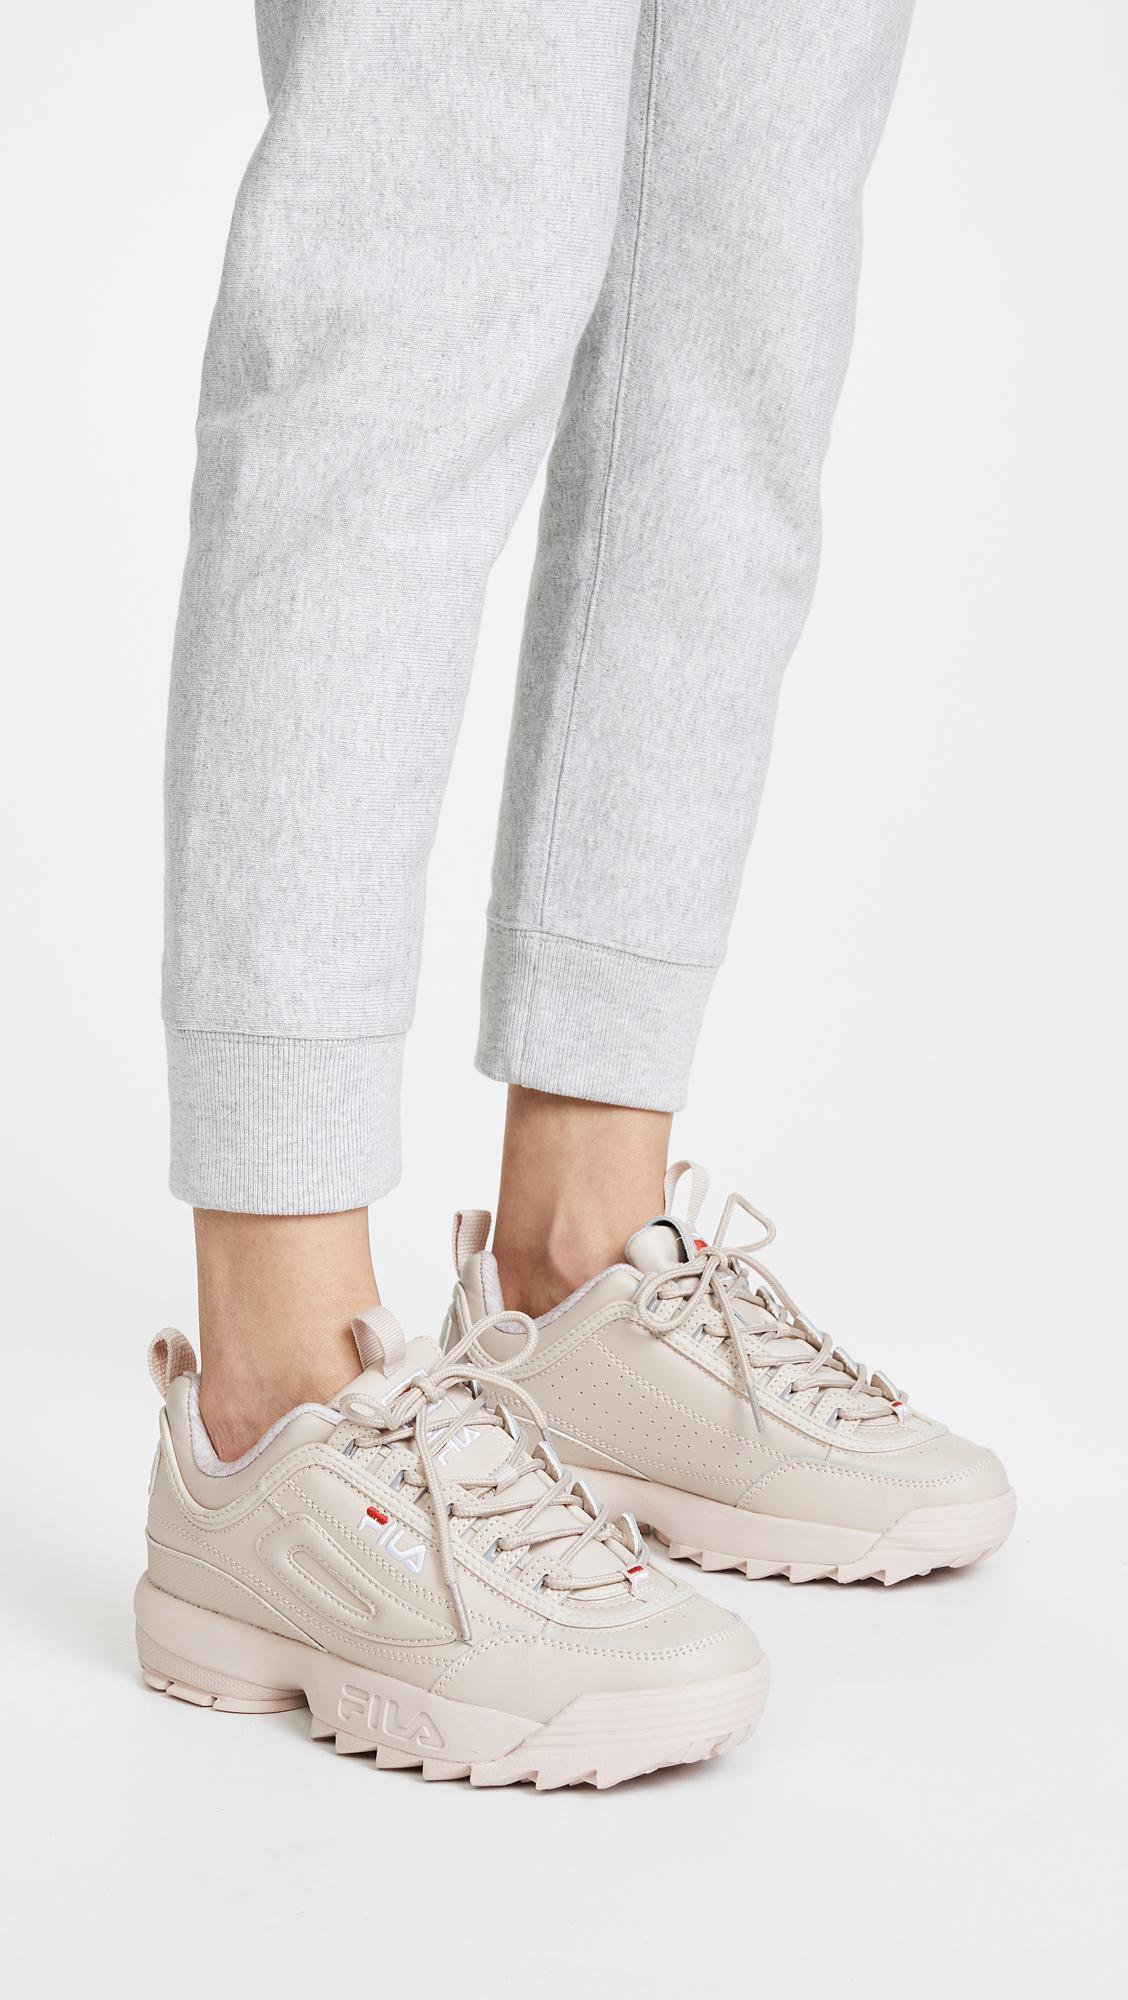 d619a2c2d9 Lyst - Fila Disruptor Ii Premium Sneakers in White